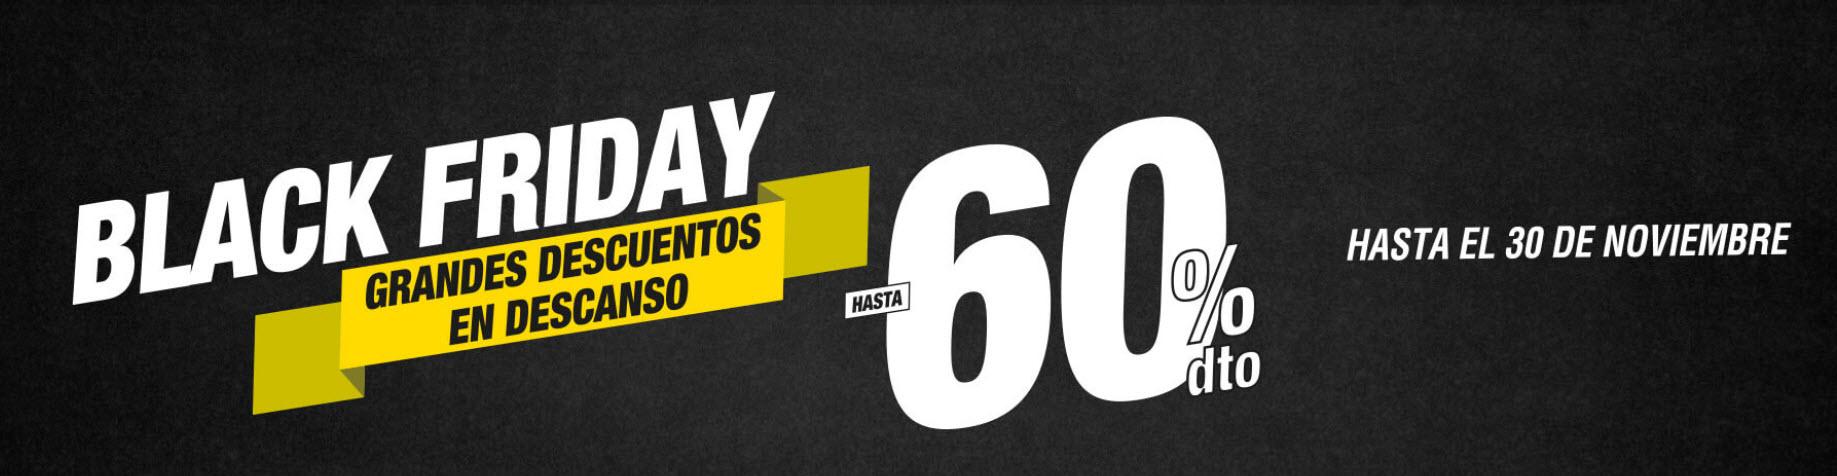 Especial Black Friday Centro Comercial Peñacastillo